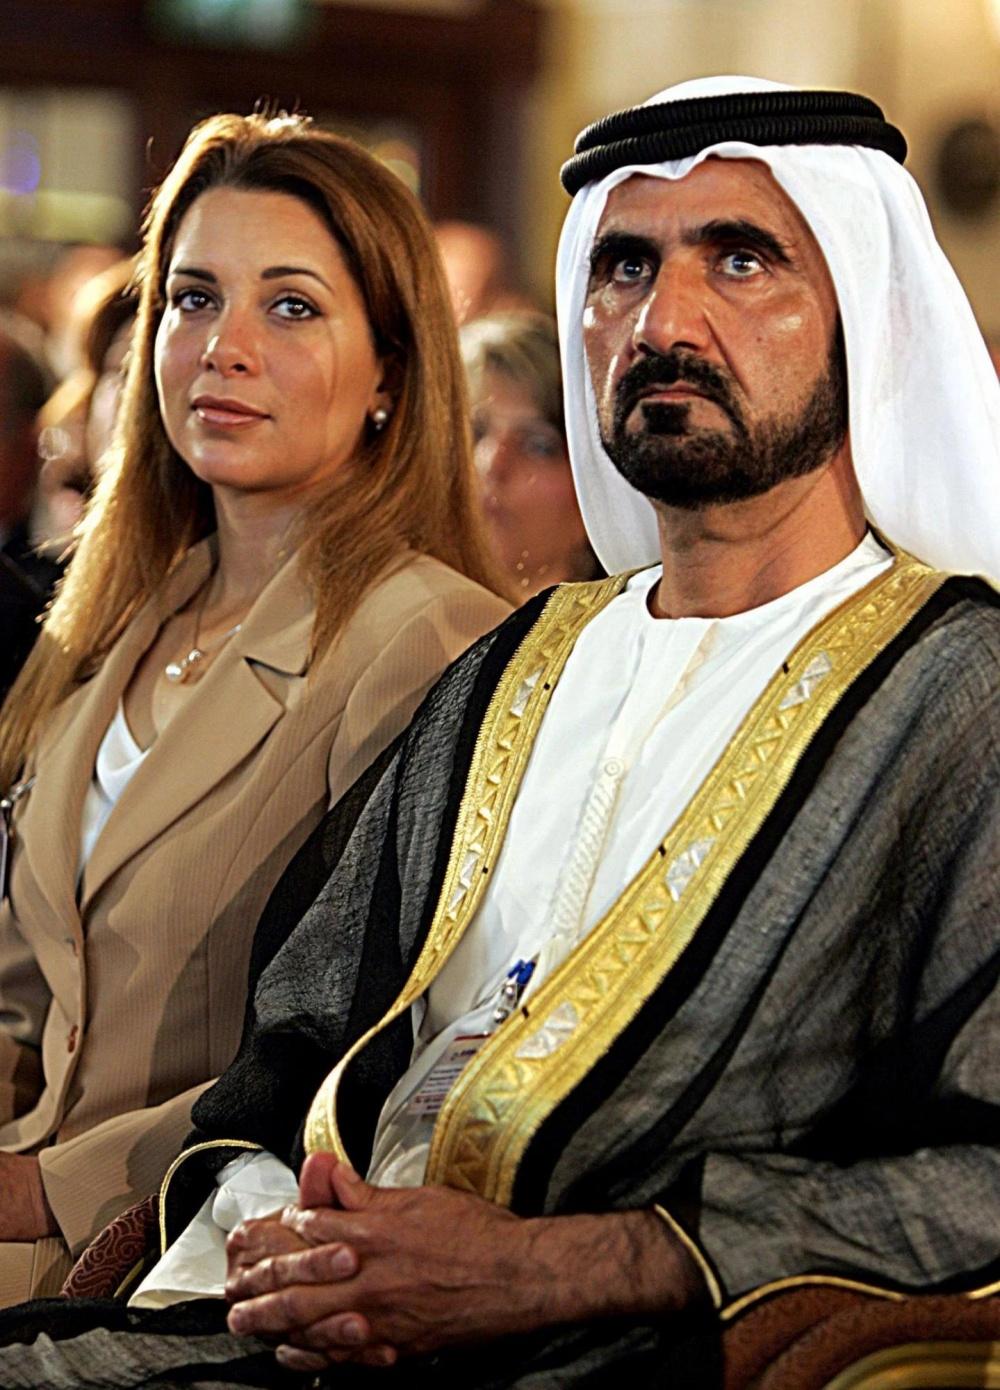 Шейхи арабских эмиратов и их жены фото загружайте замечательные